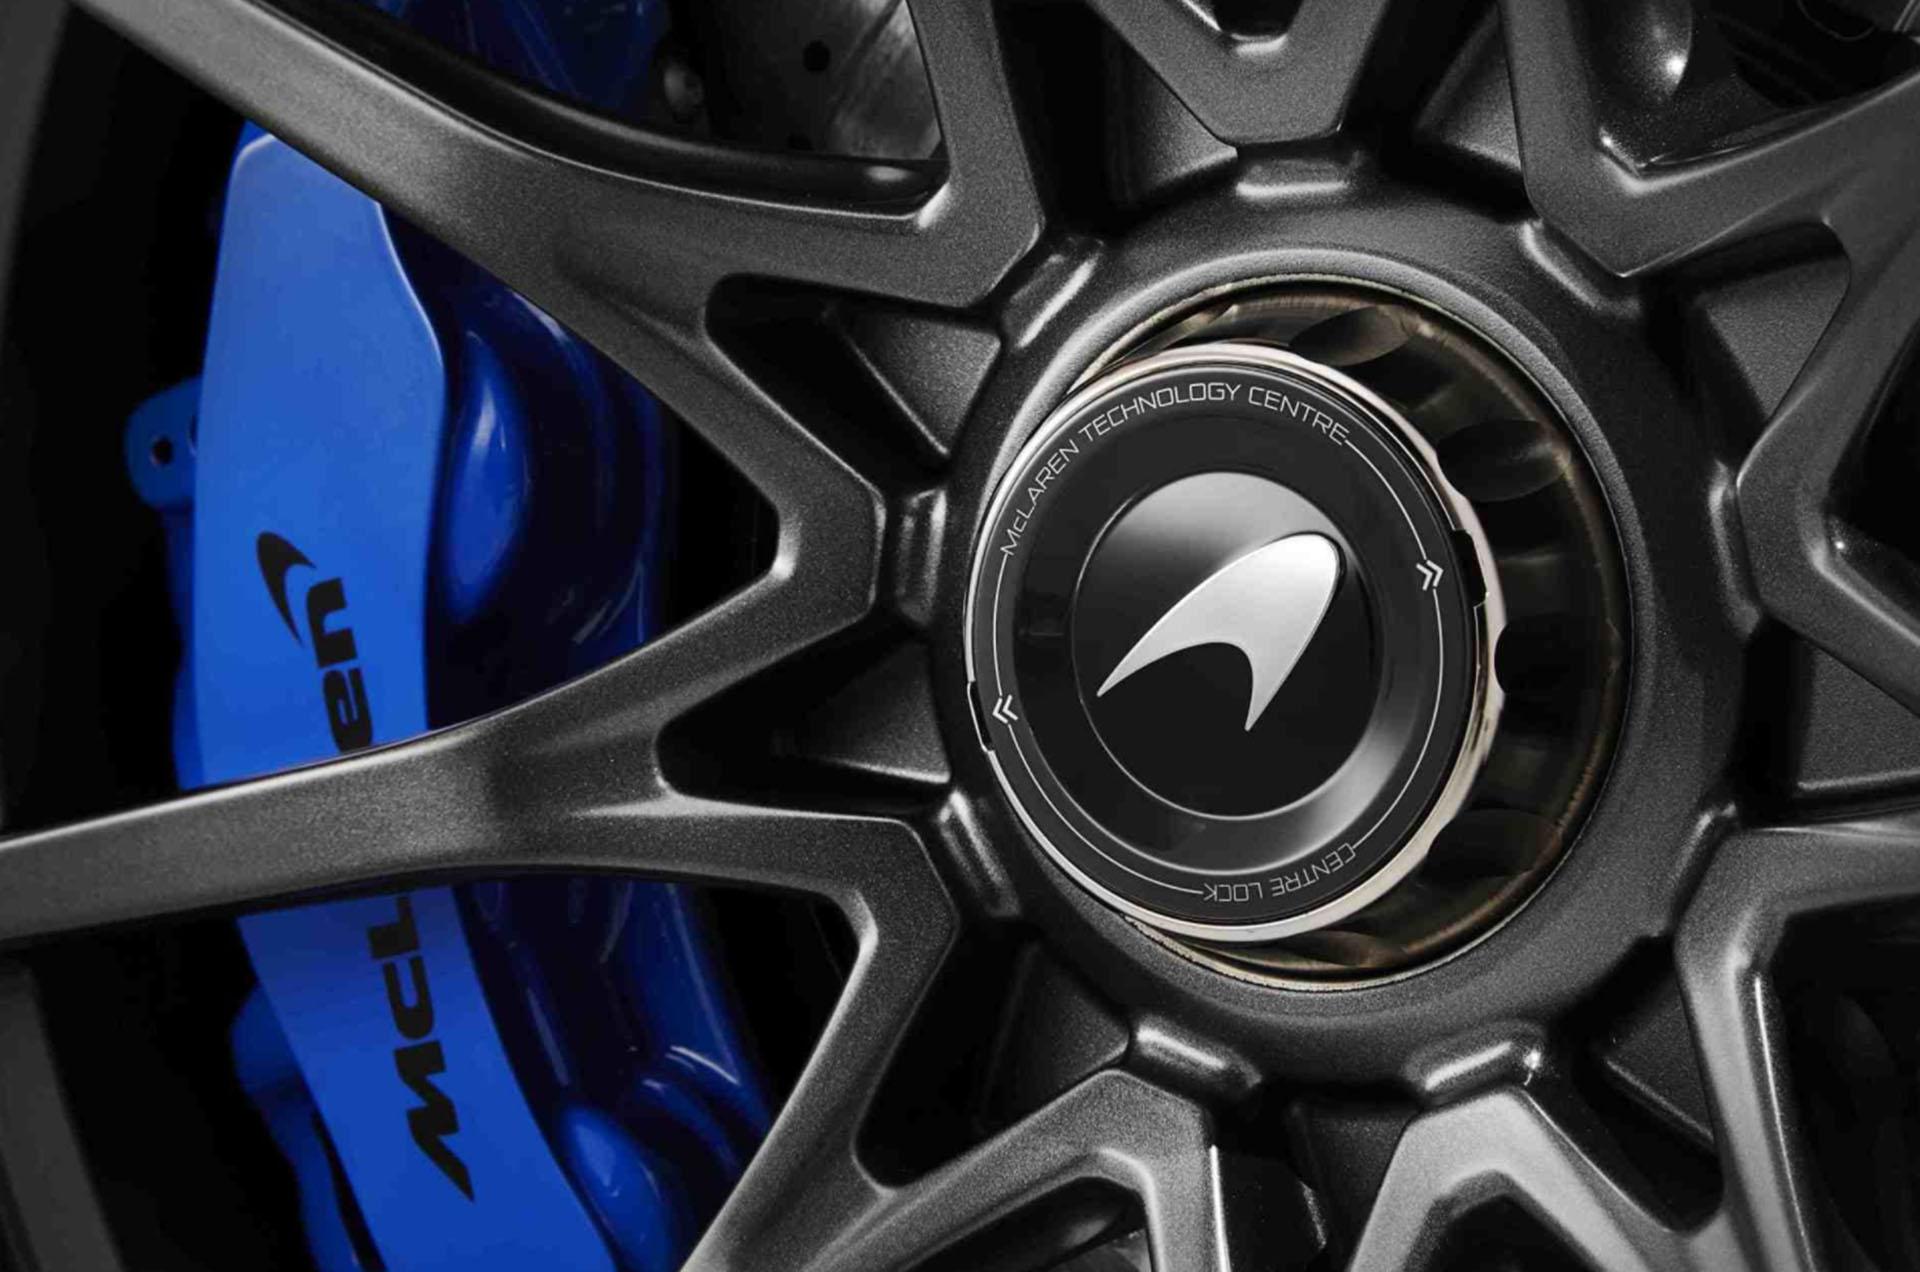 Los discos de freno fueron construidos en cerámica porque resultan más resistentes a la fricción. Mientras que los neumáticos fueron diseñados exclusivamente por Pirelli para mover al Senna